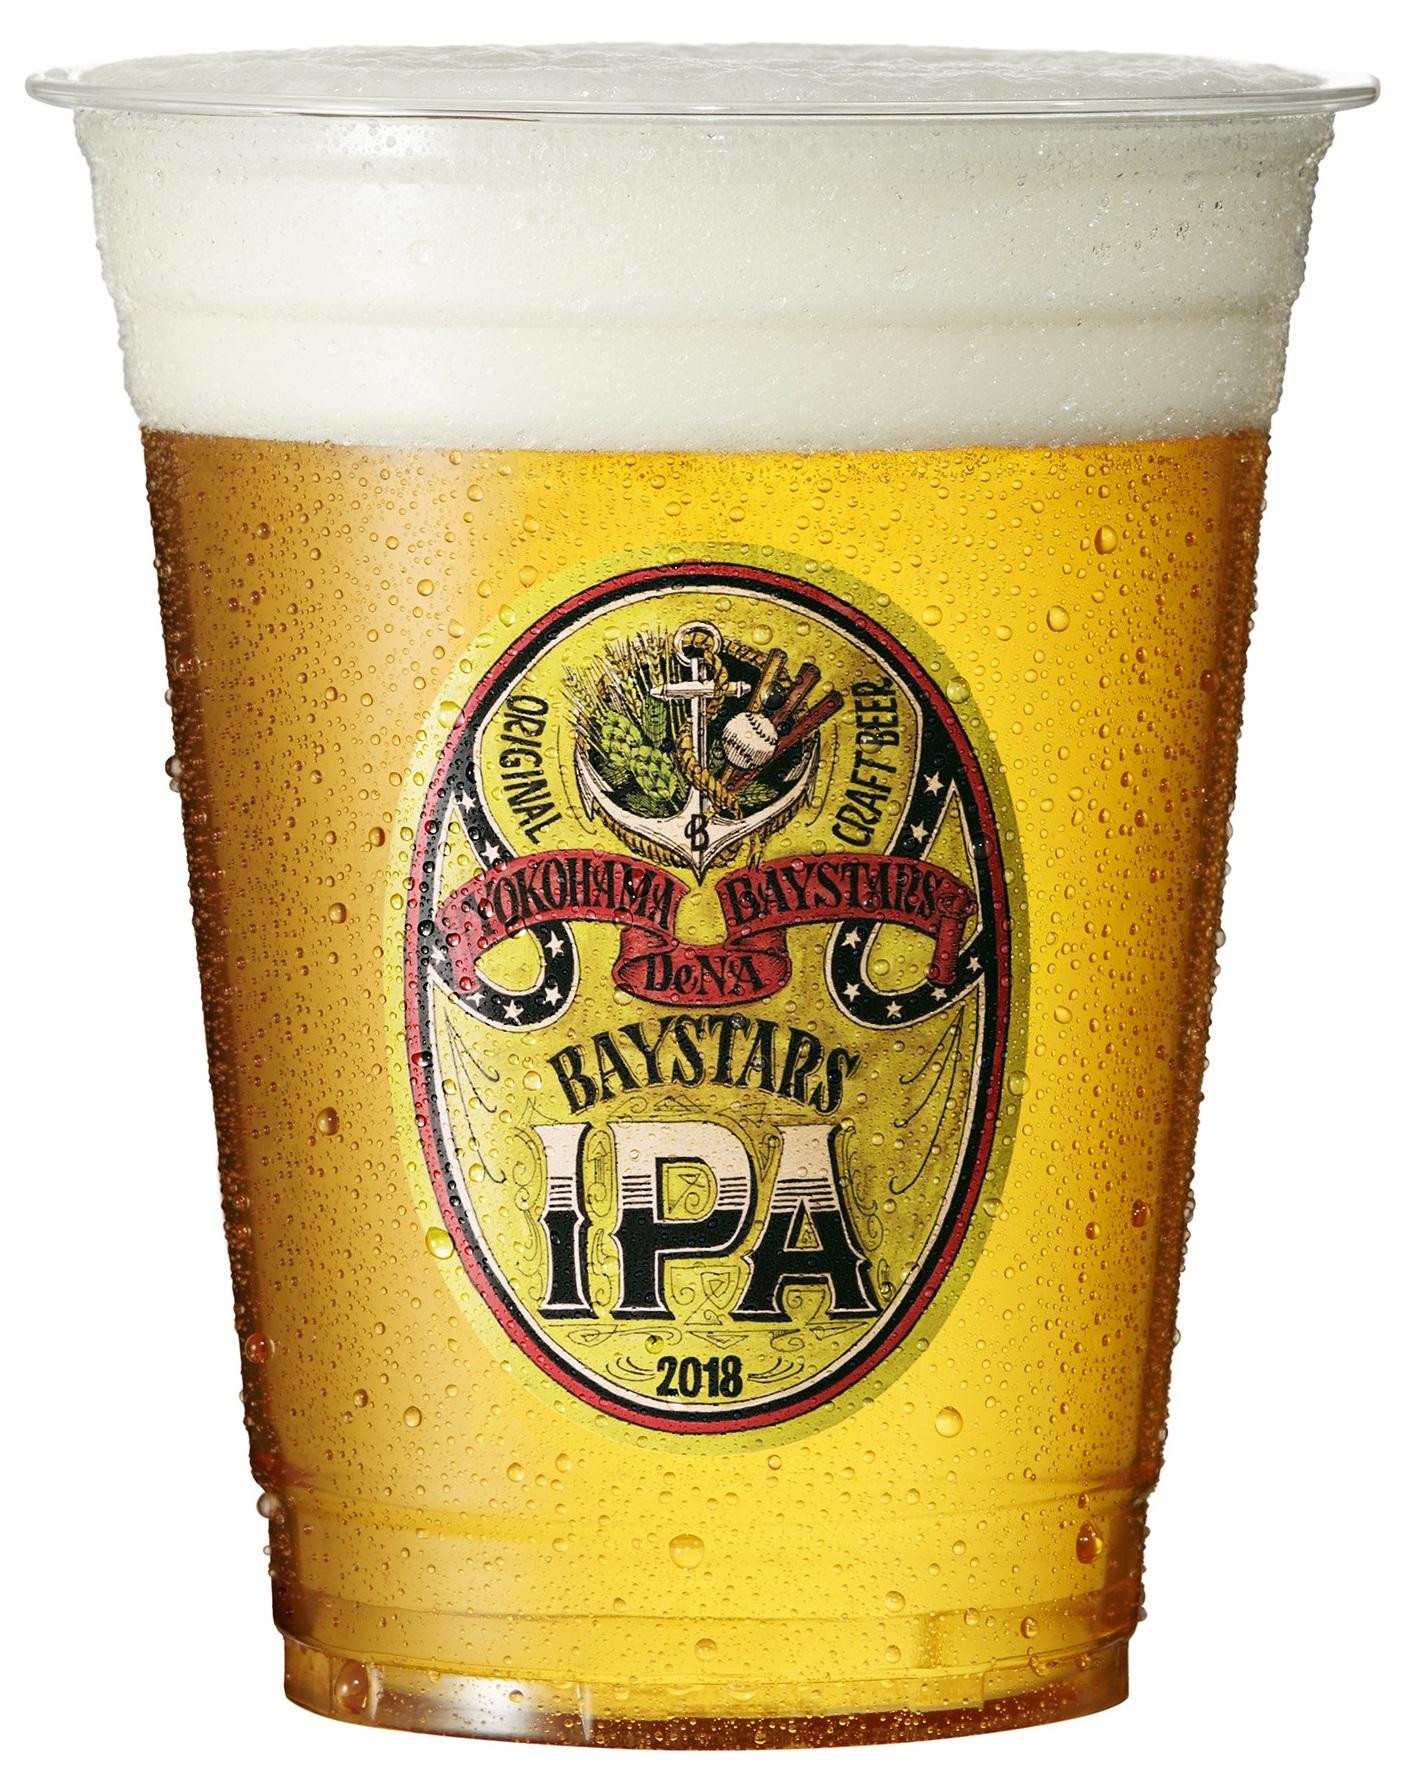 飲みごたえにこだわった「BAYSTARS IPA」(ベイスターズ・アイピーエー) (c)YDB